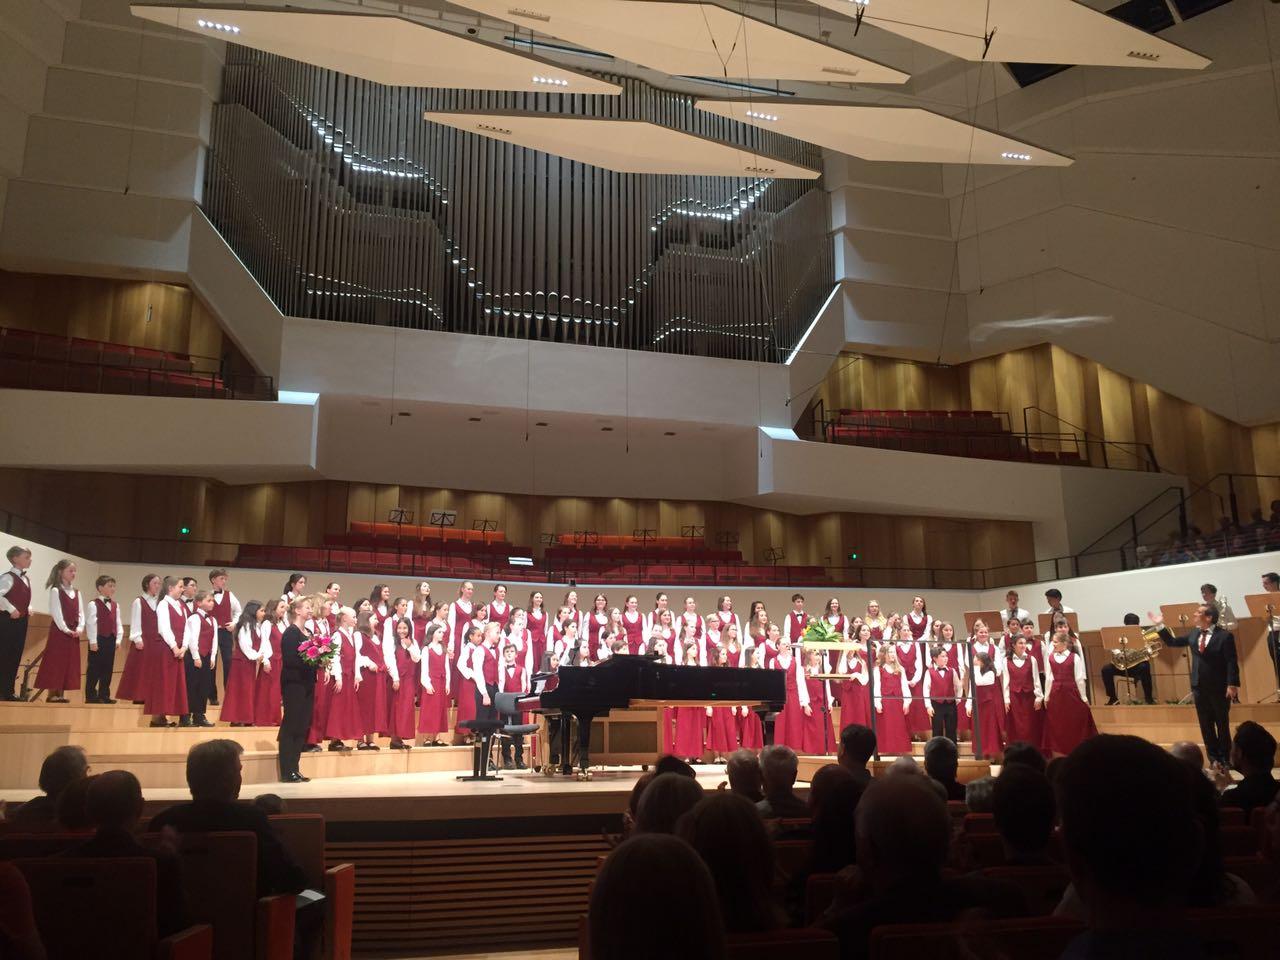 Der Philharmonische Kinderchor Dresden zum ersten Konzert im neu eröffneten Konzertsaal der Dresdner Philharmonie